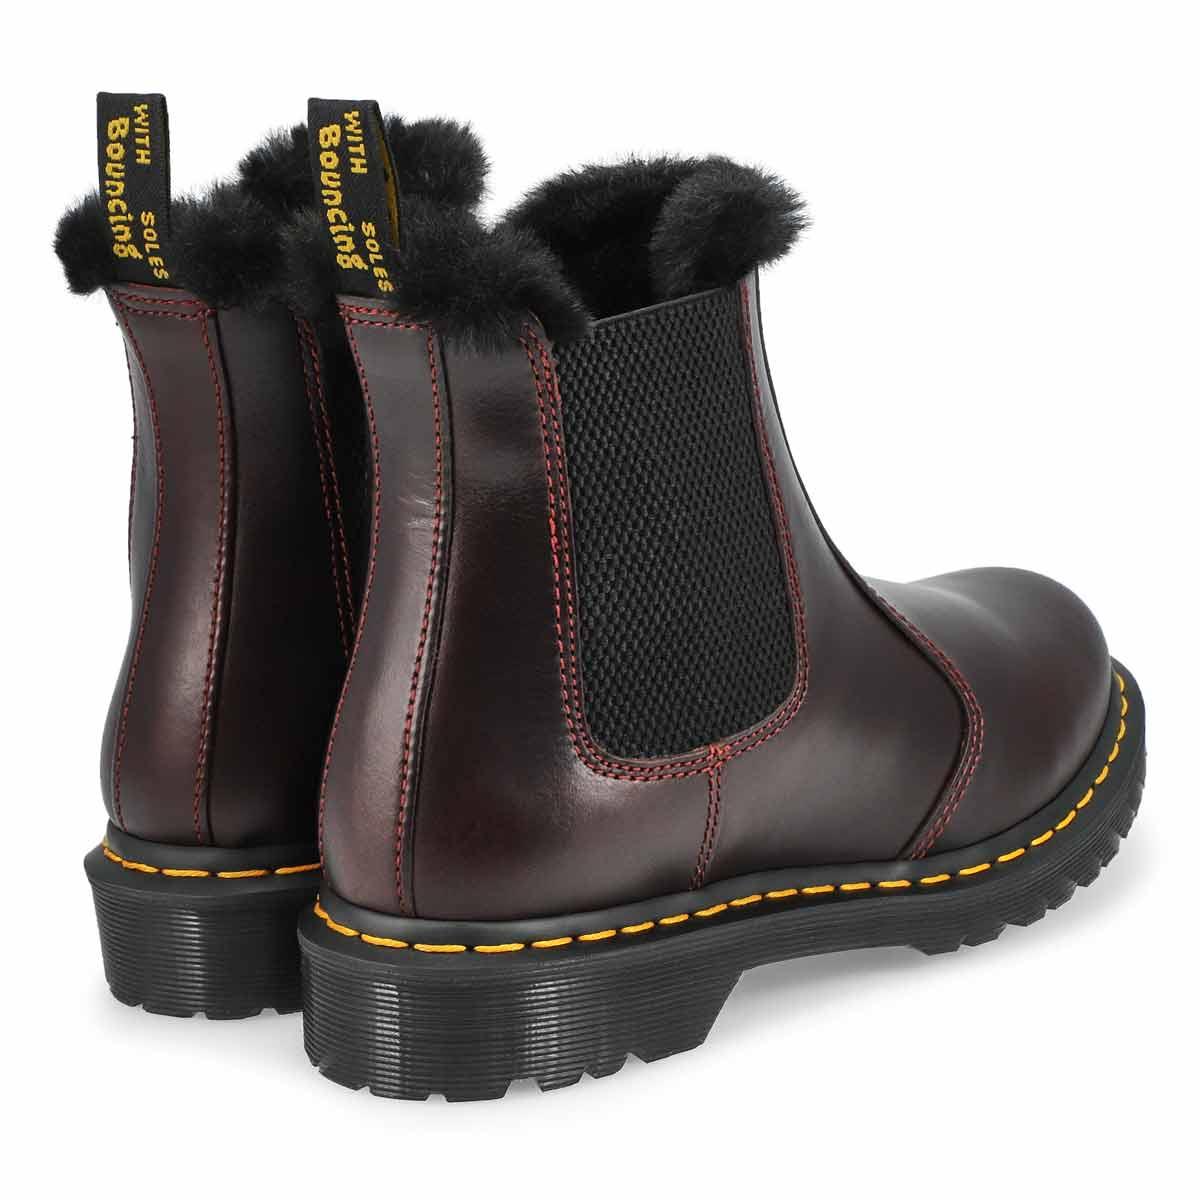 Women's 2976 Leonore Atlas Chelsea Boot - Oxblood